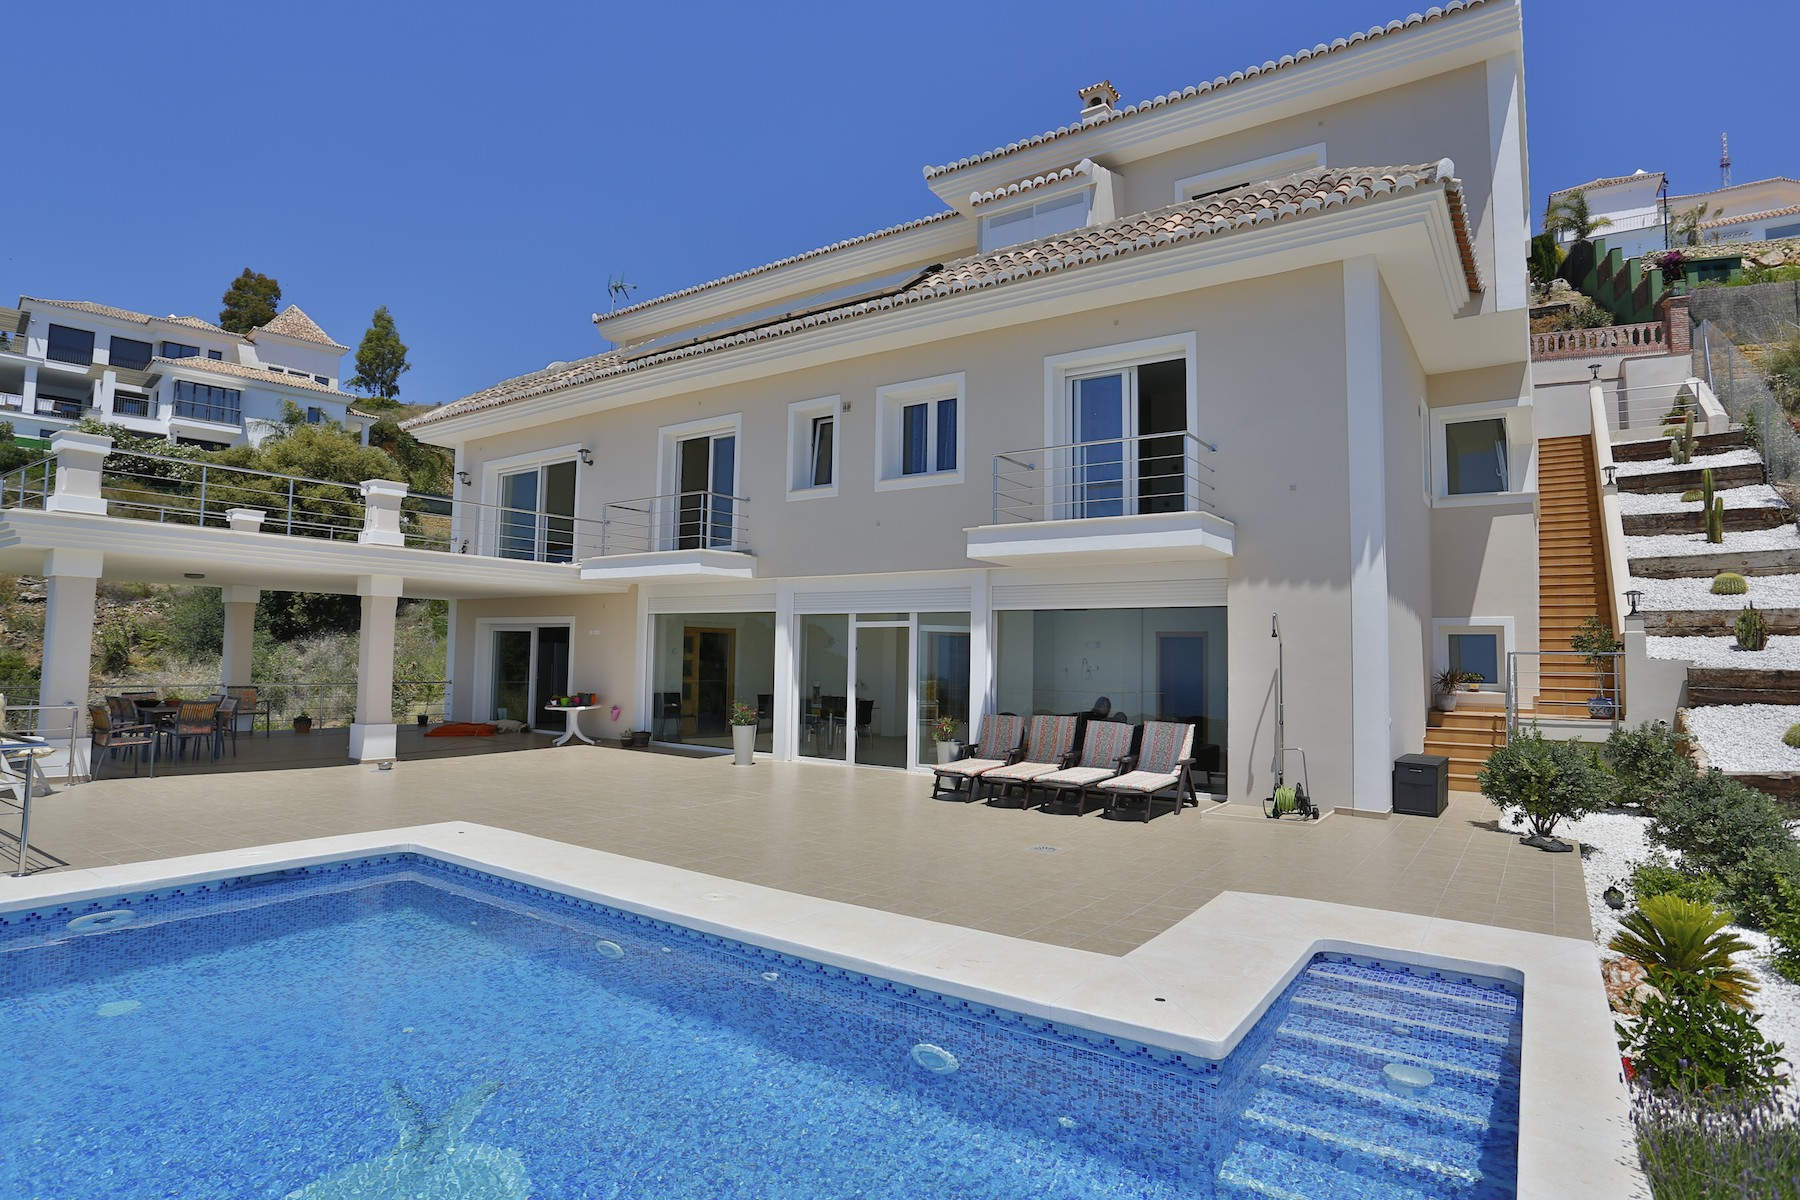 단독 가정 주택 용 매매 에 Modern Style villa Altos de Los Monteros Marbella, Costa Del Sol, 29600 스페인